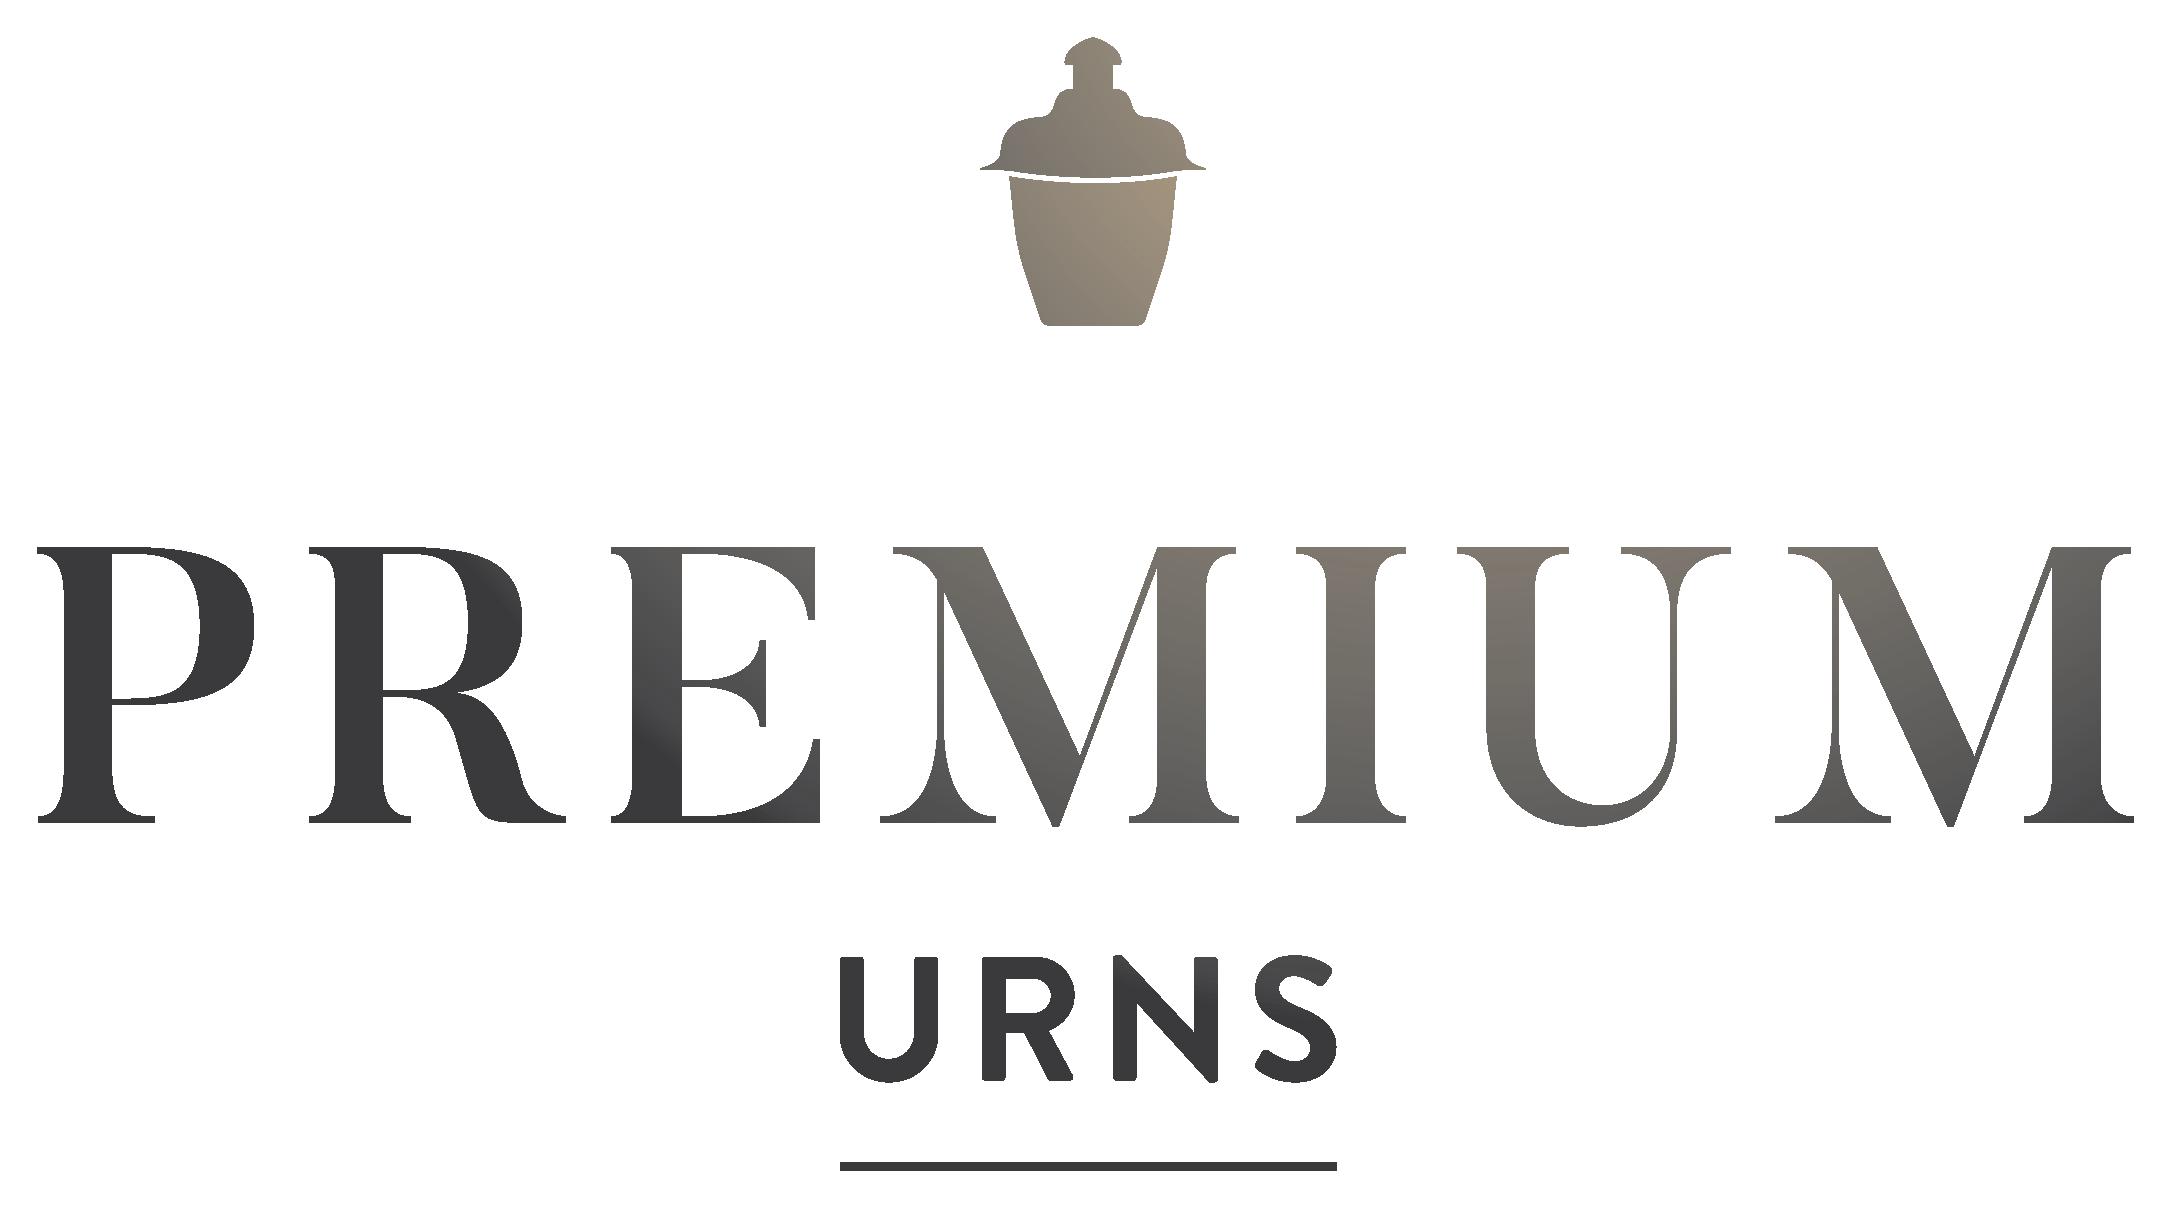 Premium Urns